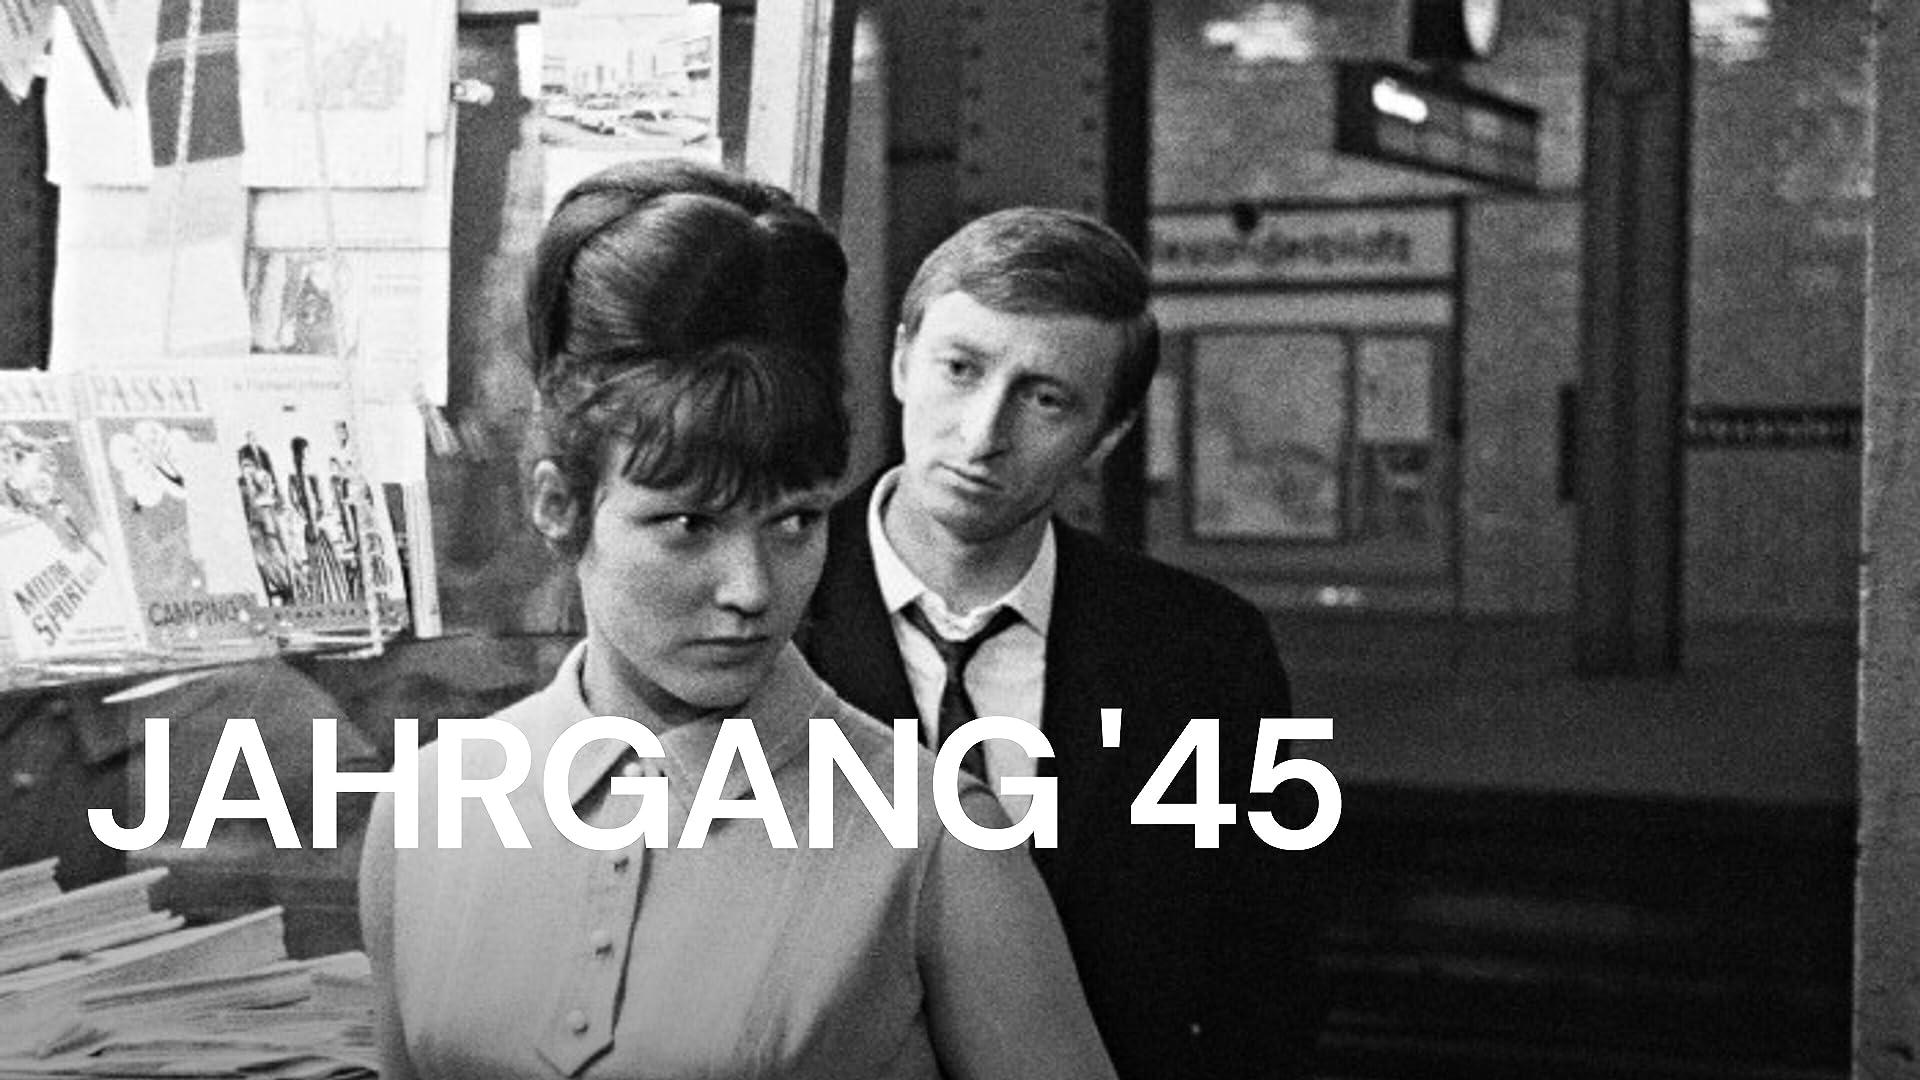 Jahrgang '45